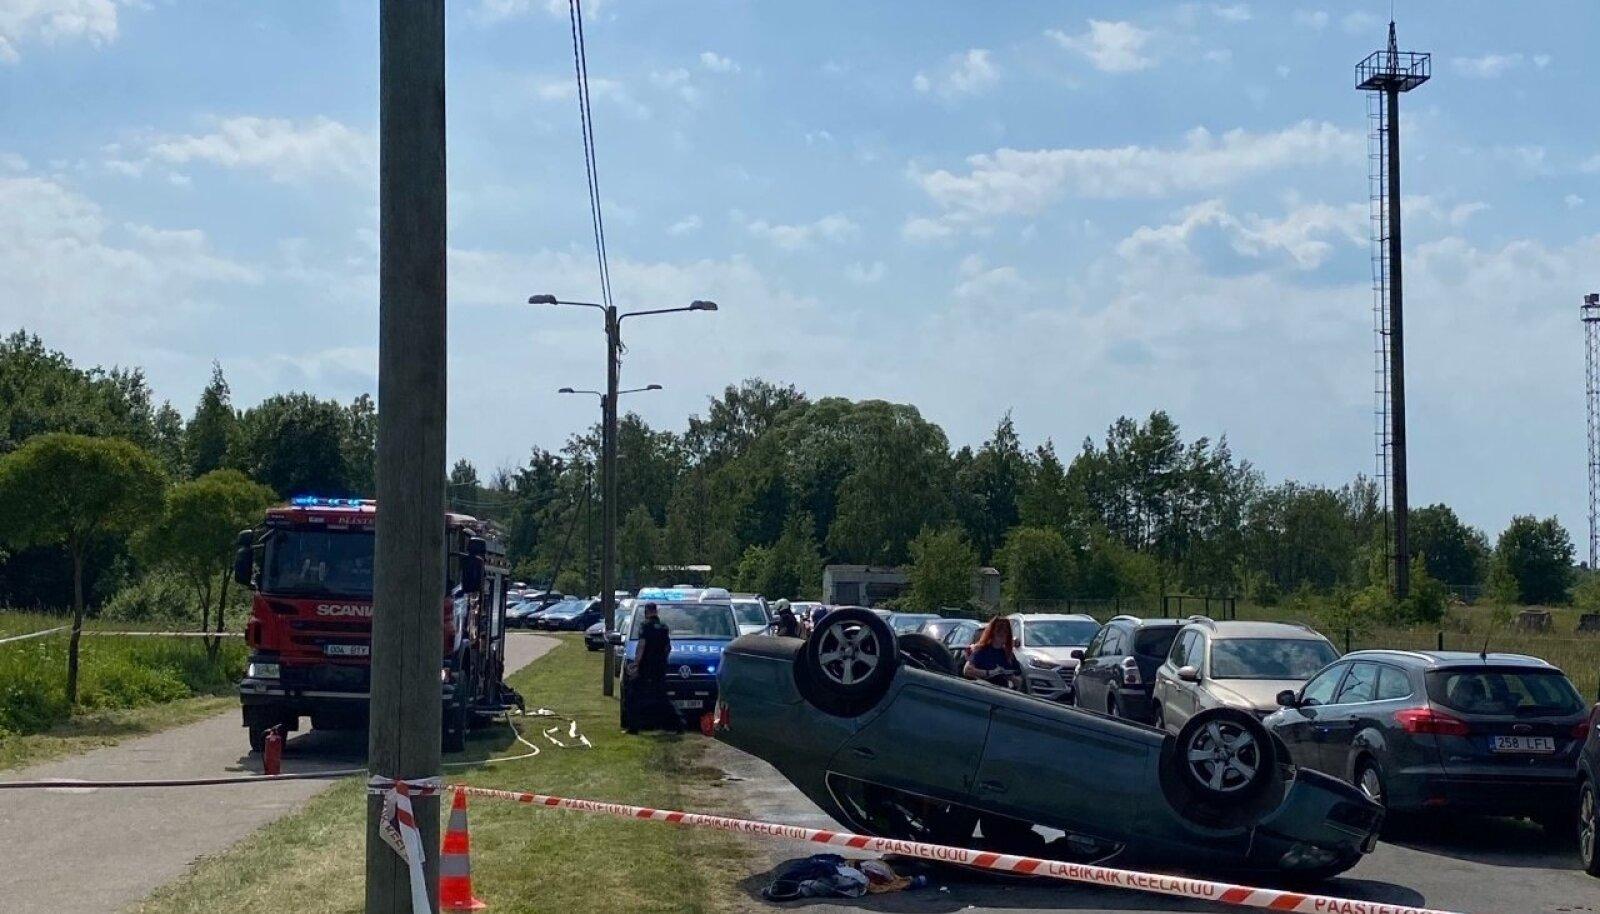 Liiklusõnnetus Paljassaare teel